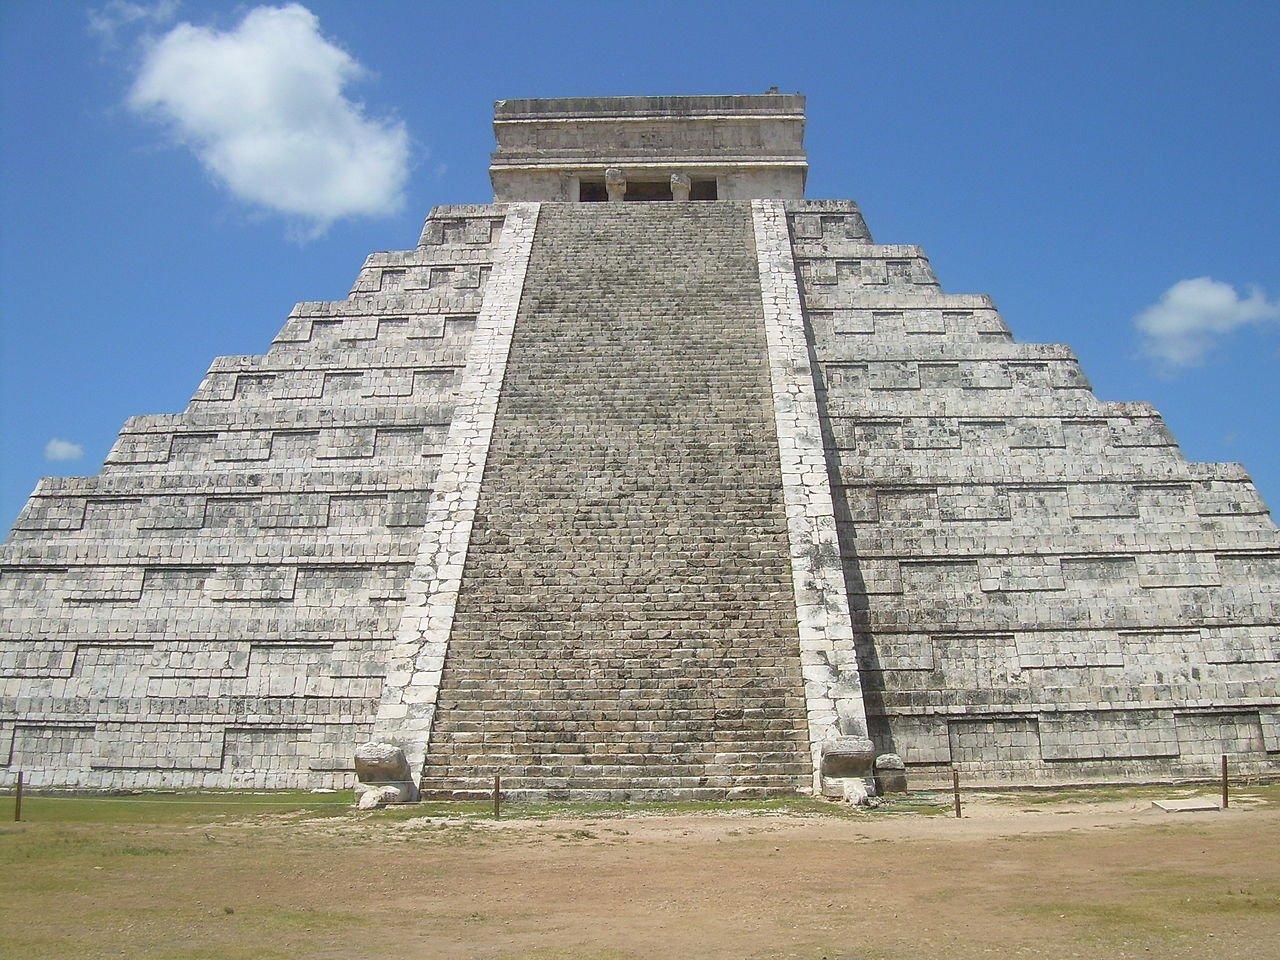 Чичен-Ица - Храм Кукулькана